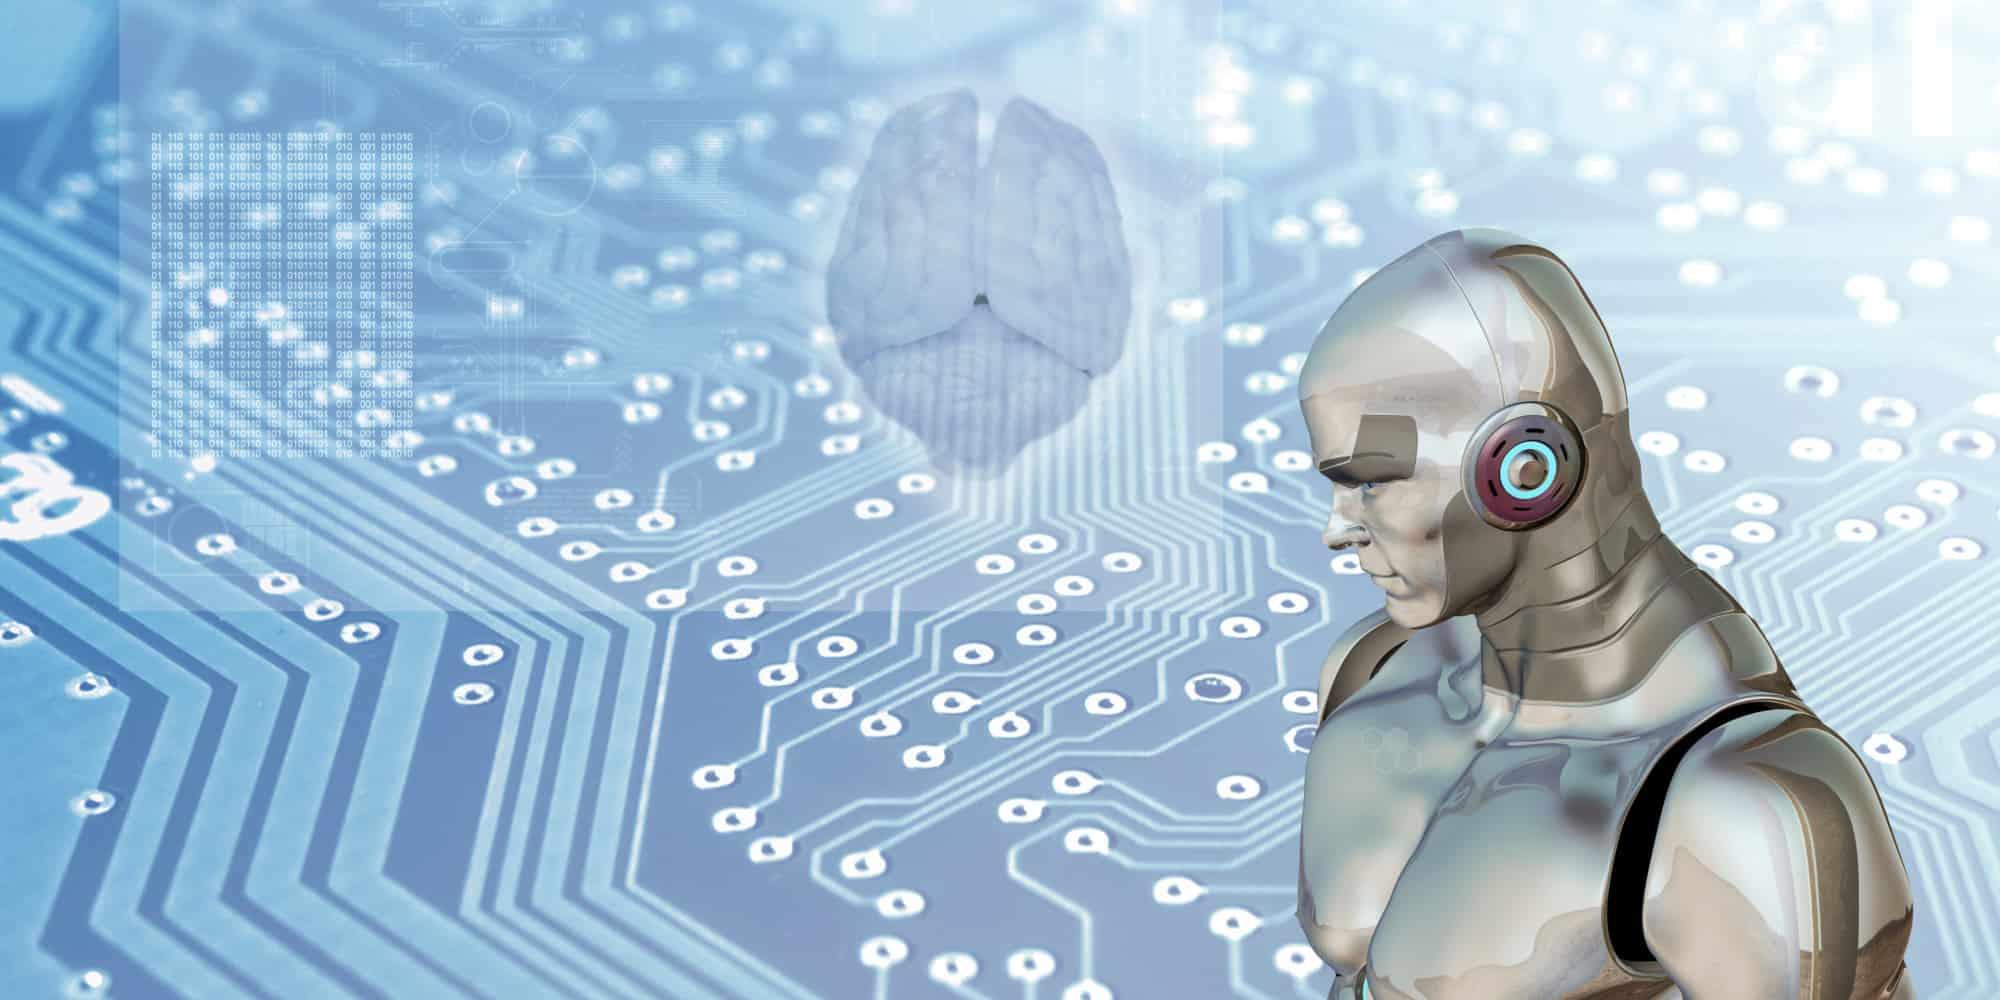 49f5dd8aad551a452d9bb1bed9fd37b4 إيلون ماسك: الحرب العالمية الثالثة سيقودها الذكاء الاصطناعي